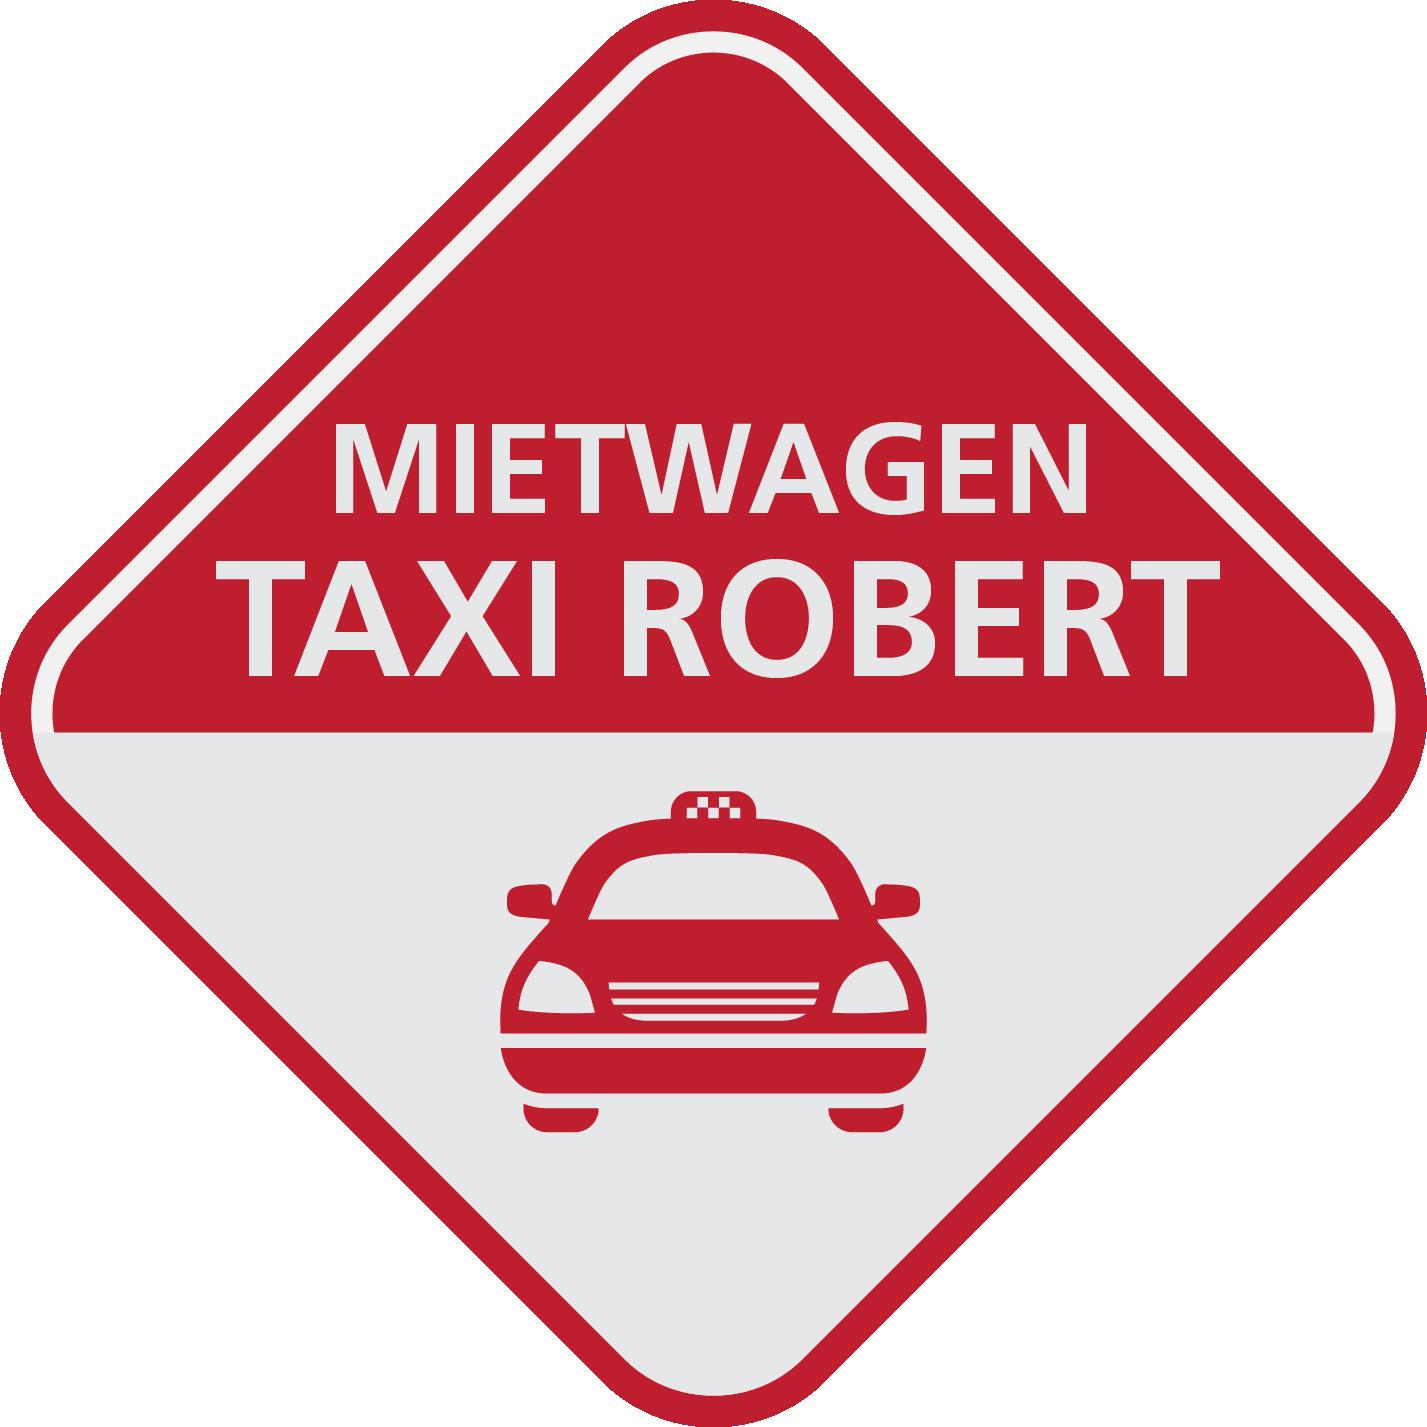 Taxi Robert Mietwagen